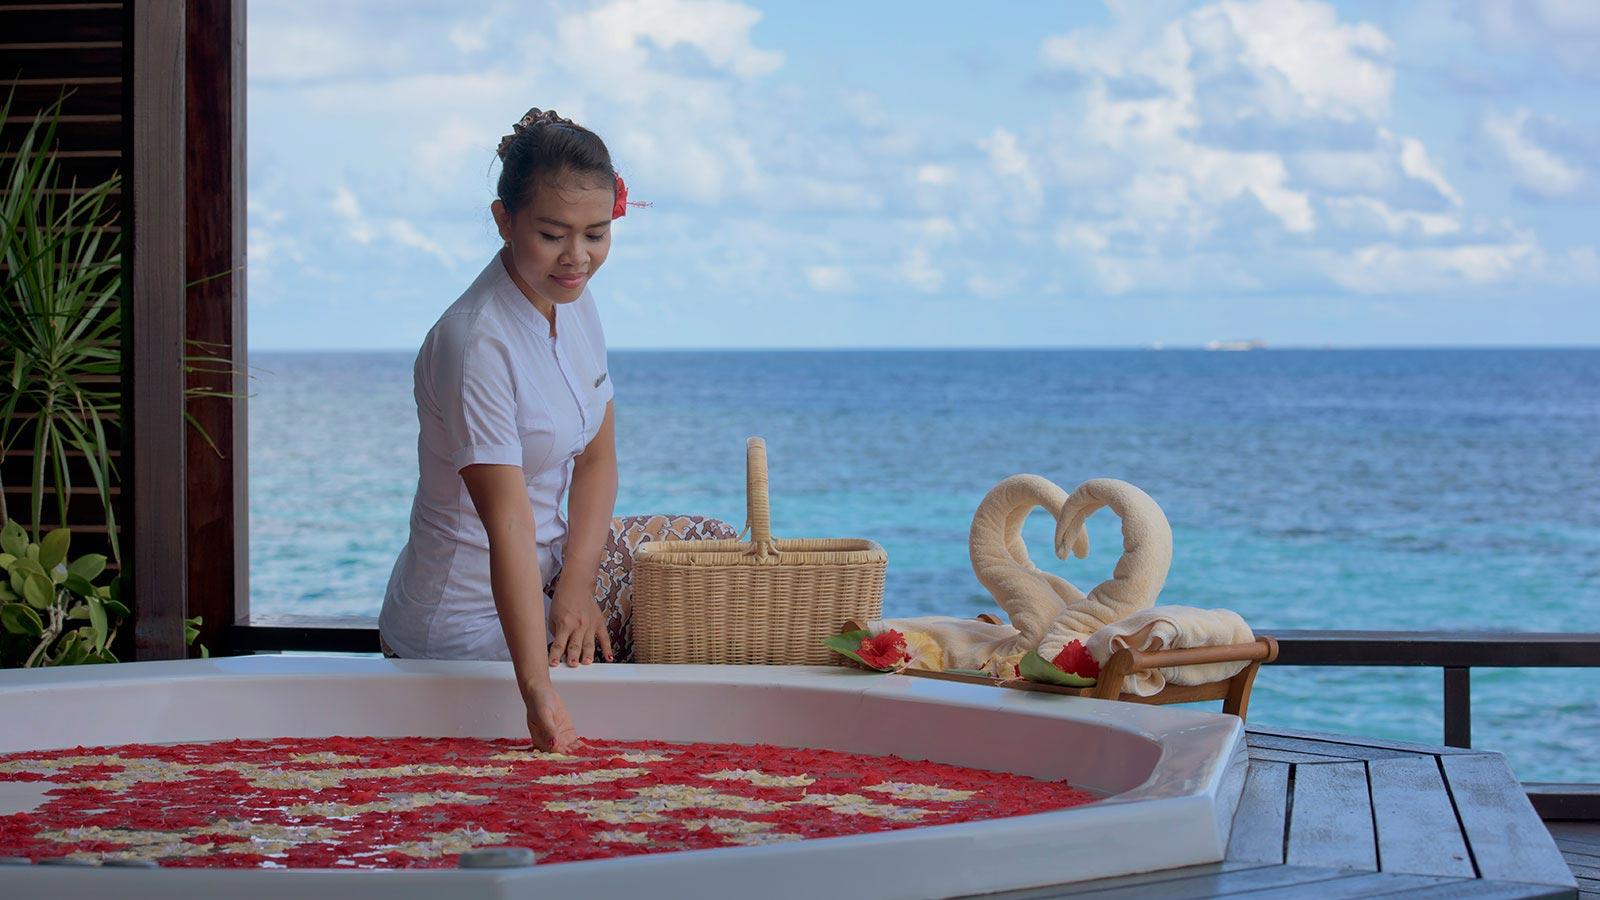 Maldives Spa - Tamara Spa at Lily Beach